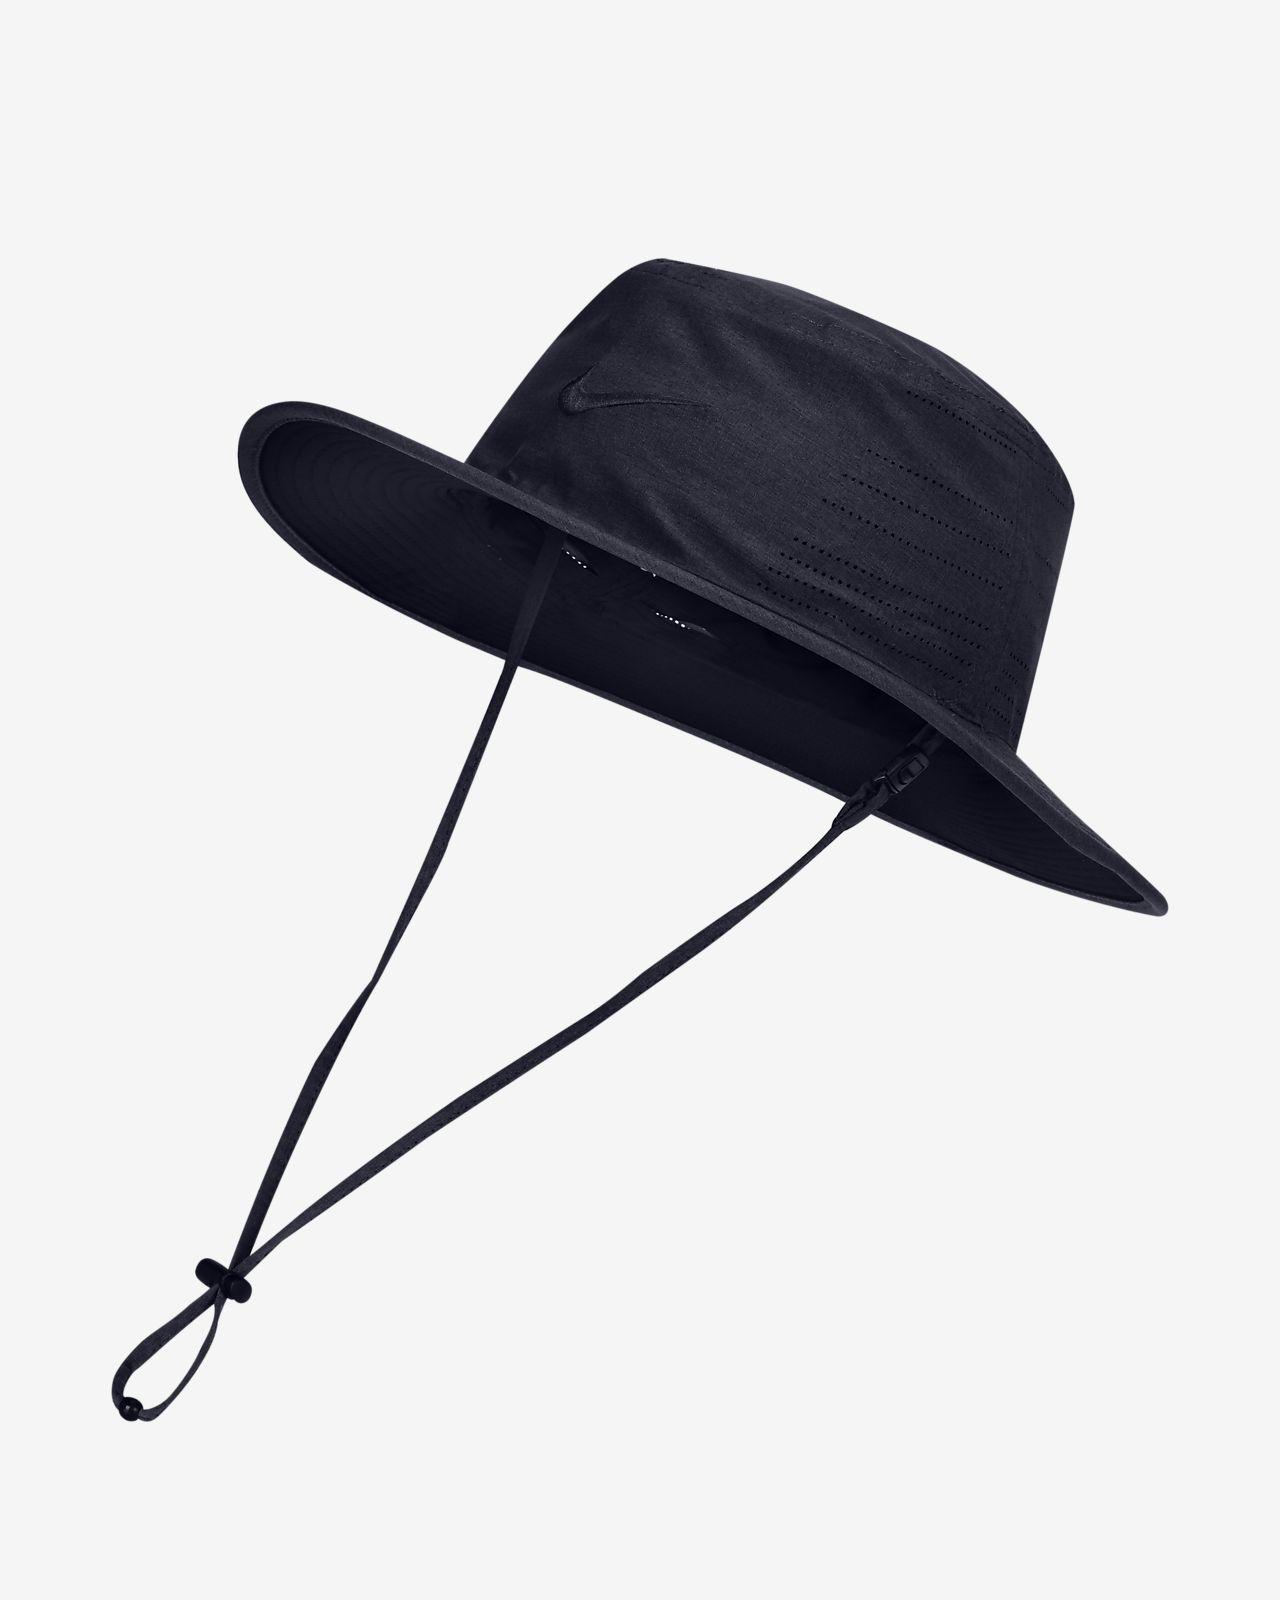 Nike Dri-FIT Golf Bucket Hat